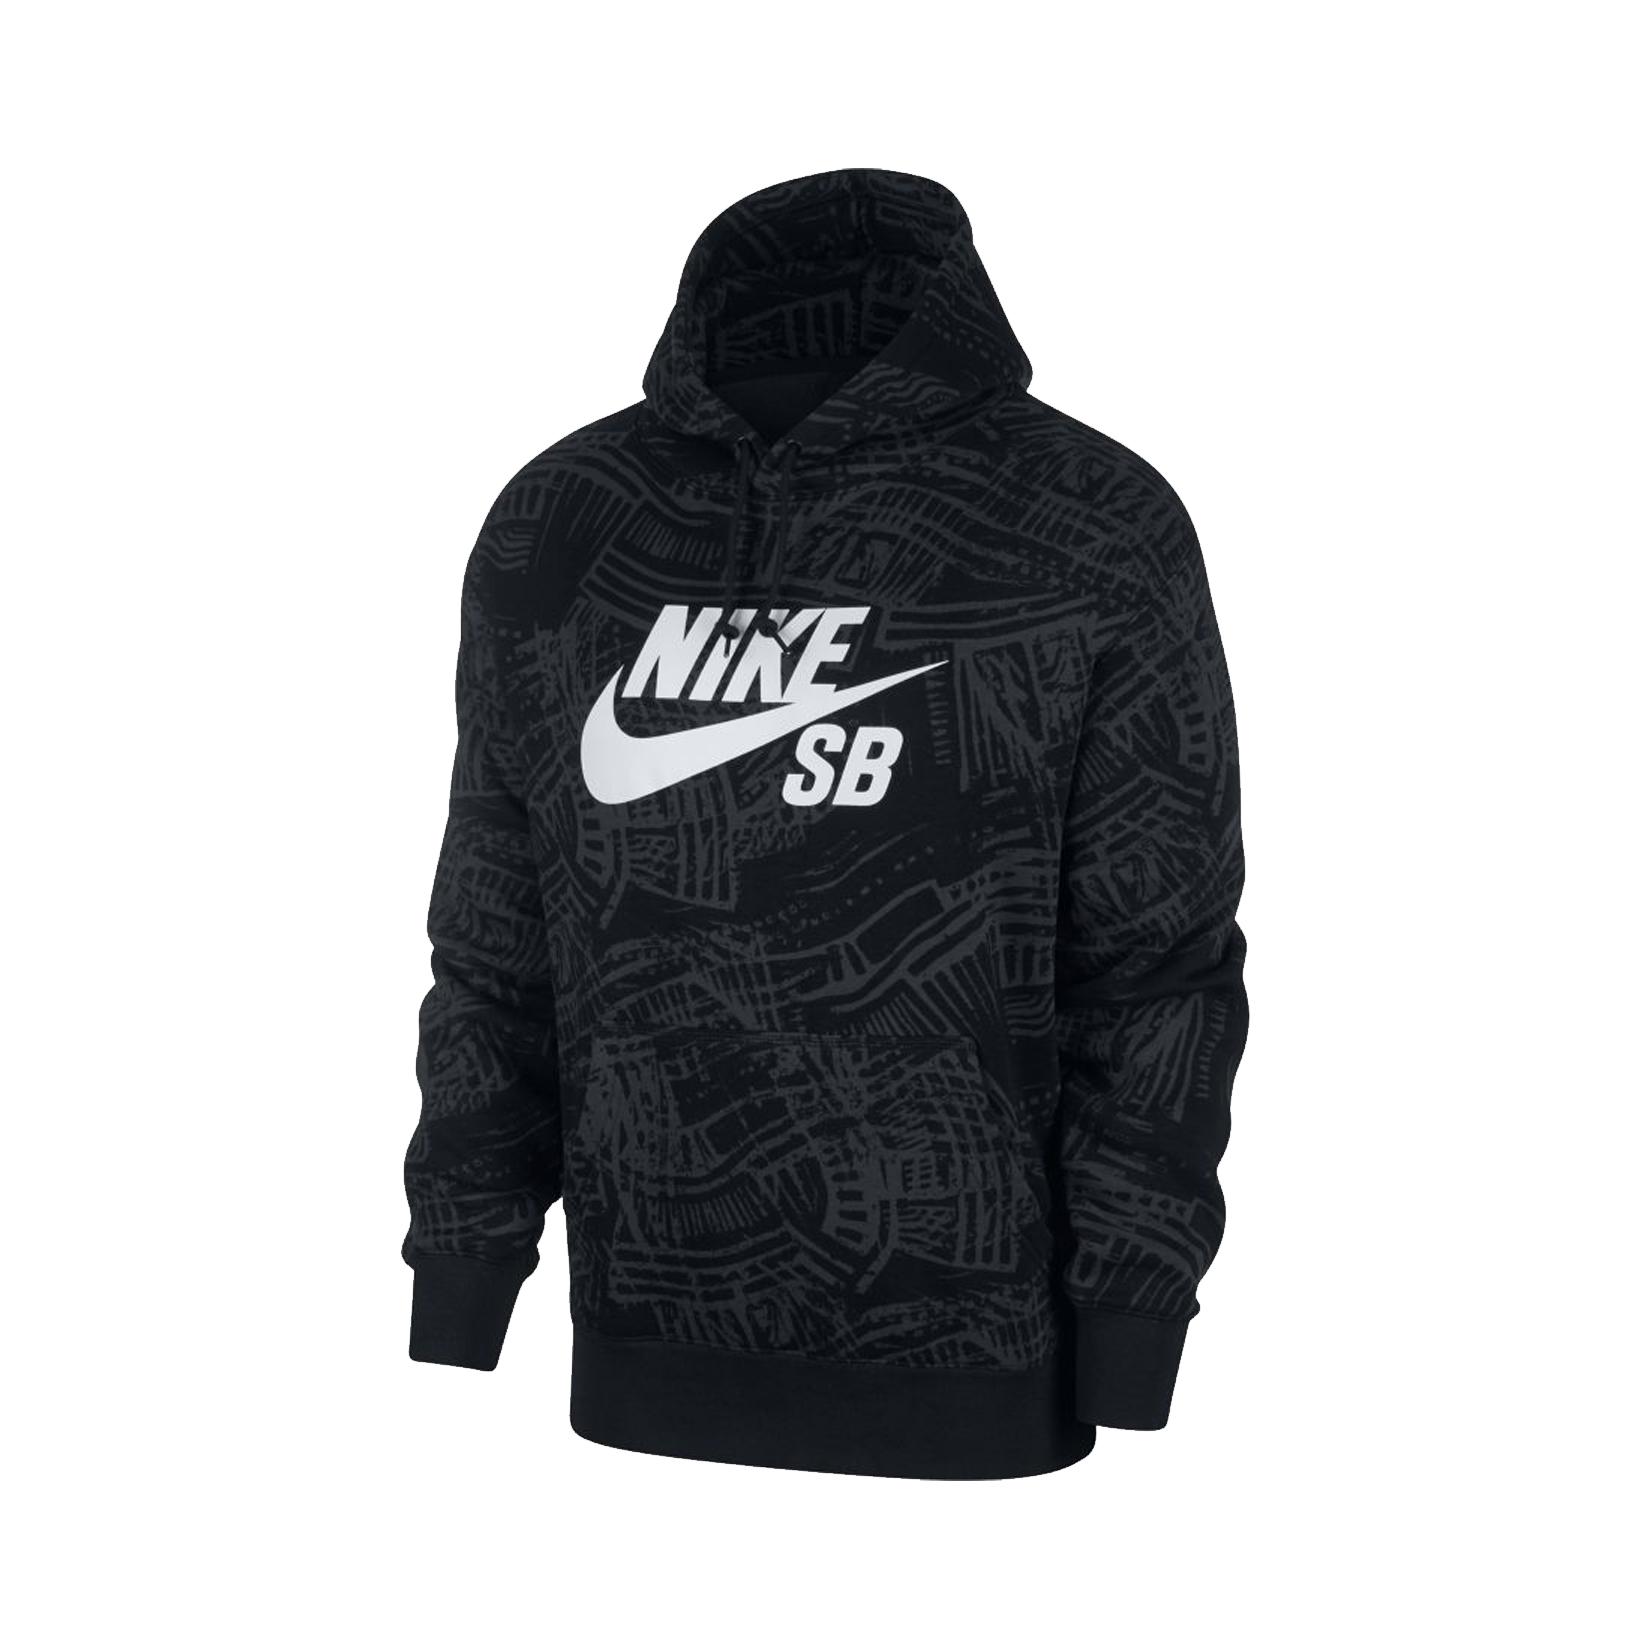 Nike SB Printed Skate Hoodie Black